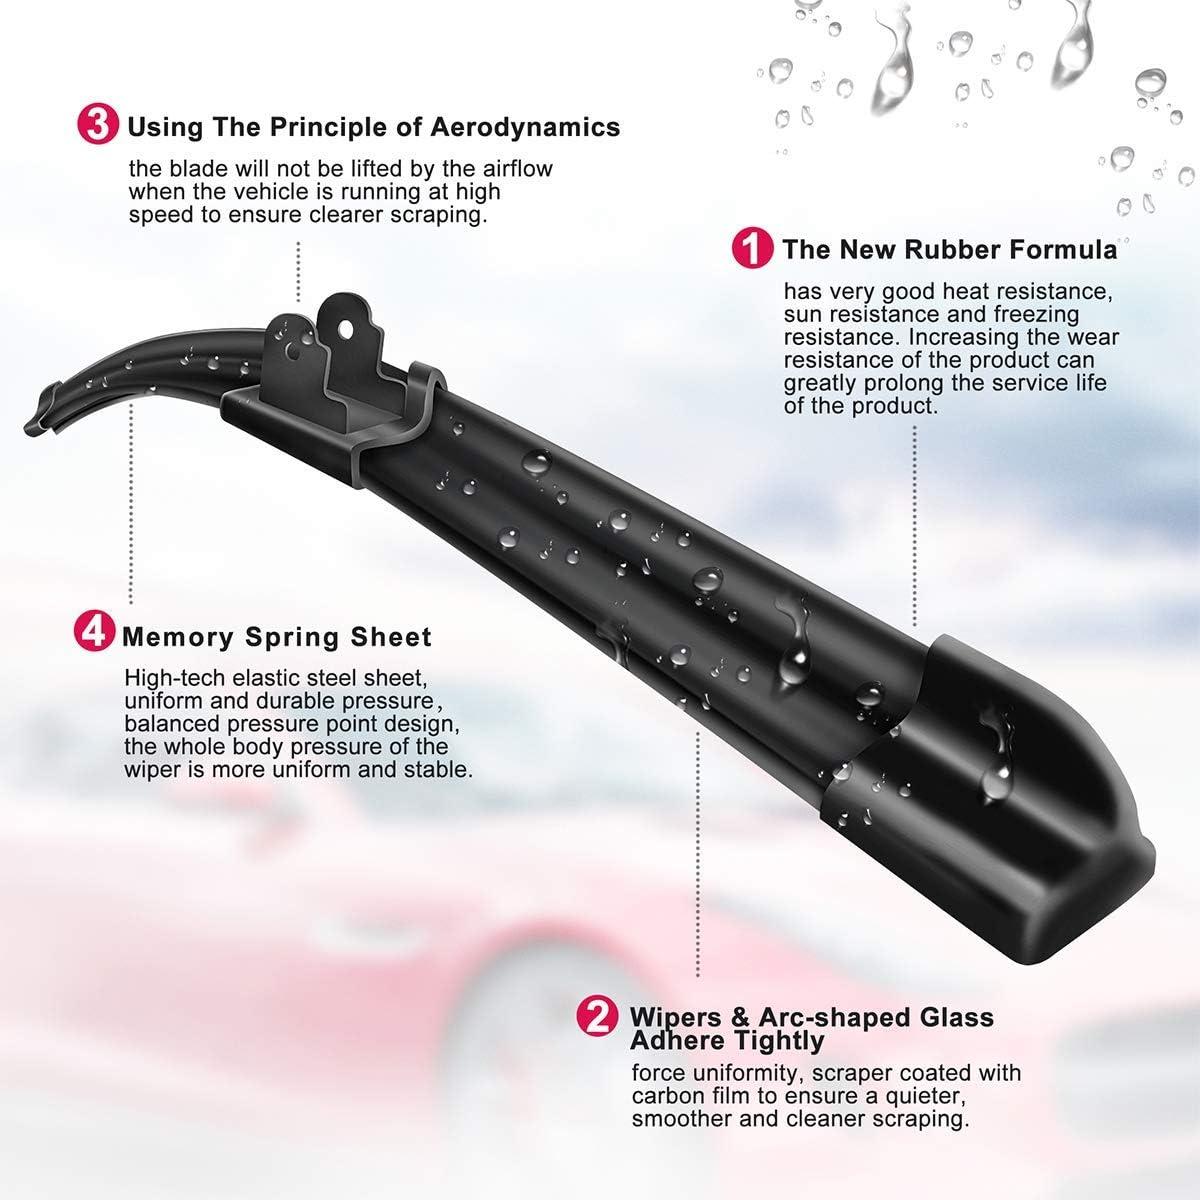 19 Winter Summer Bracketless Beam Wiper U J hook Beam Wiper Blades Model AutopartsMaster Windshield wiper blades 26 set of 2 19M28-2